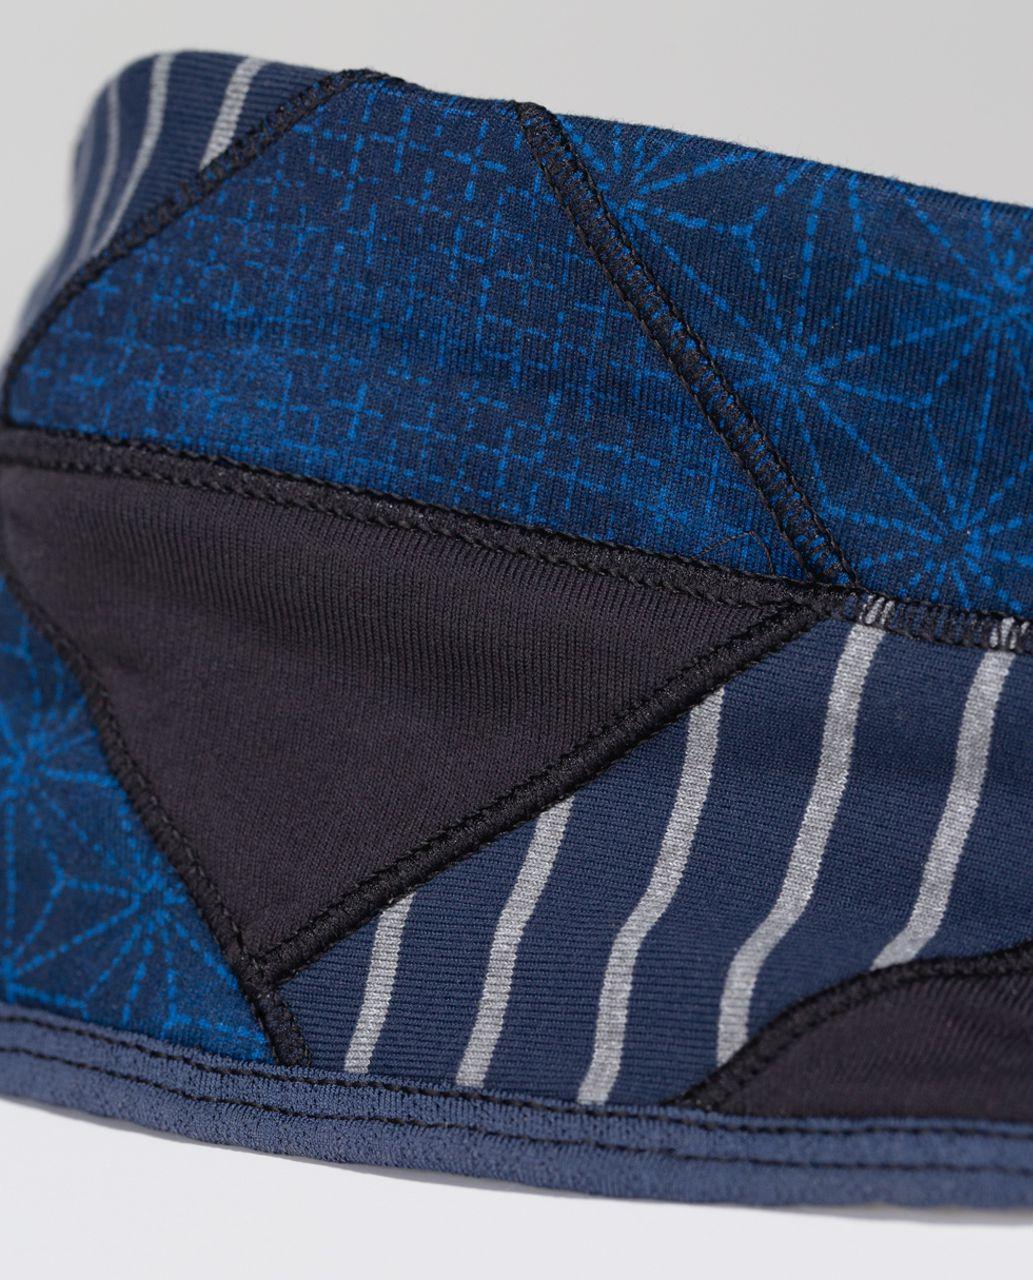 Lululemon Bang Buster Headband *Quilt - Black / Sashico Star Inkwell Rugged Blue